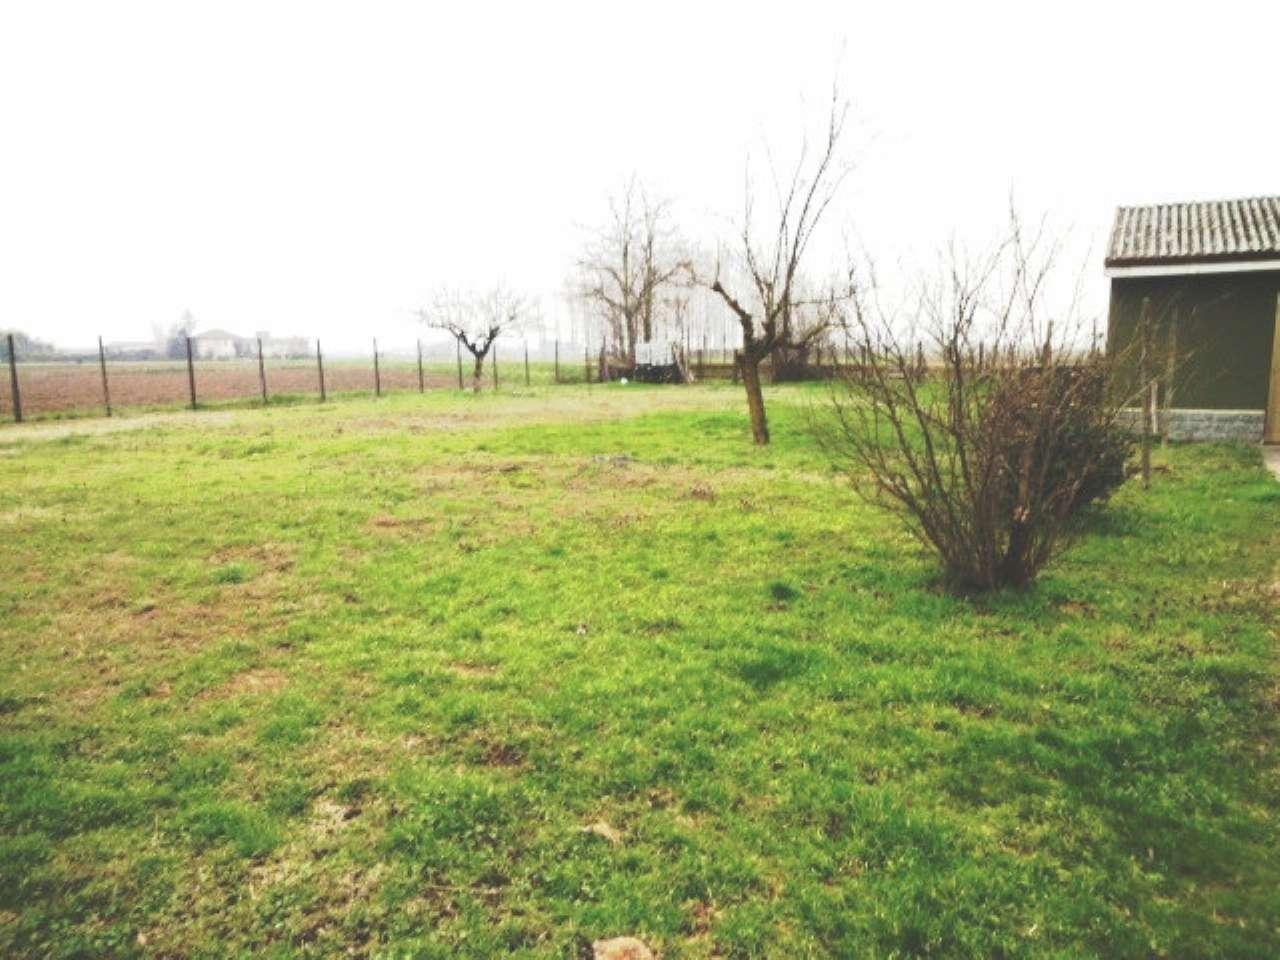 Terreno Edificabile Residenziale in vendita a Bereguardo, 9999 locali, prezzo € 110.000 | Cambio Casa.it